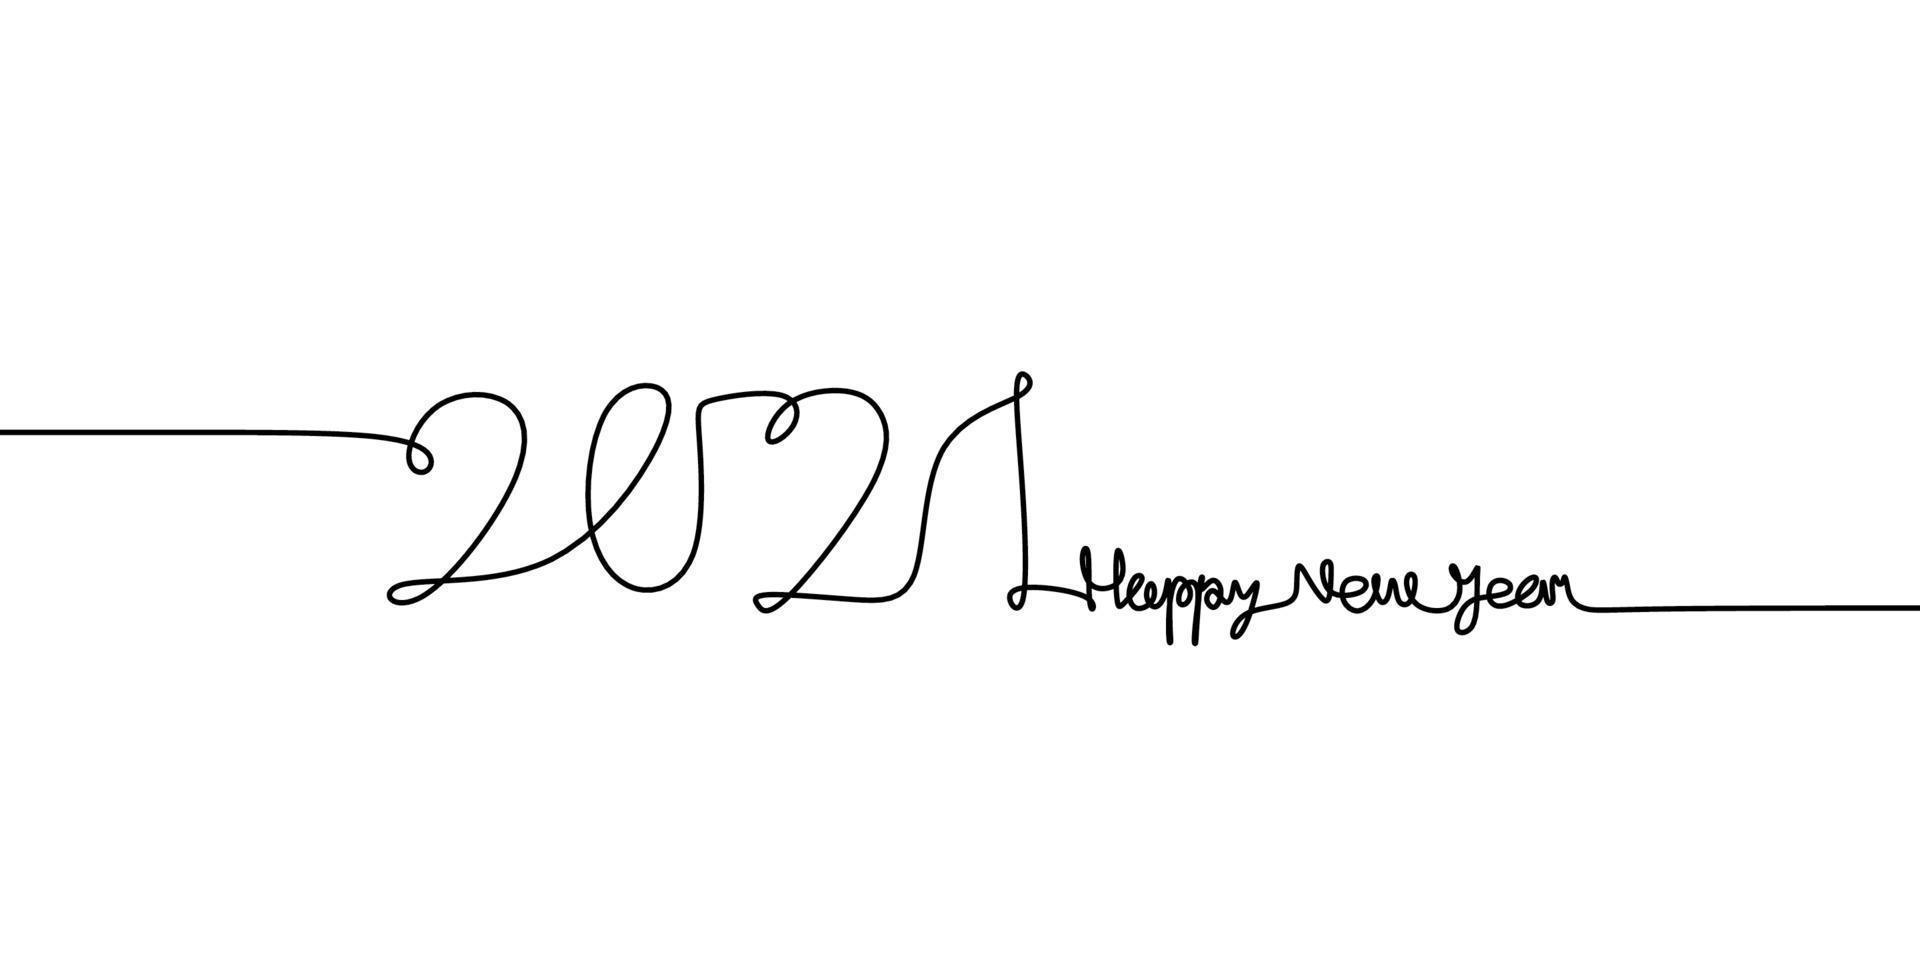 dibujo de una línea continua de un 2021 con texto de feliz año nuevo letras manuscritas boceto de arte de línea negra minimalista aislado sobre fondo blanco. año del toro. tarjeta de felicitación o diseño de banner vector